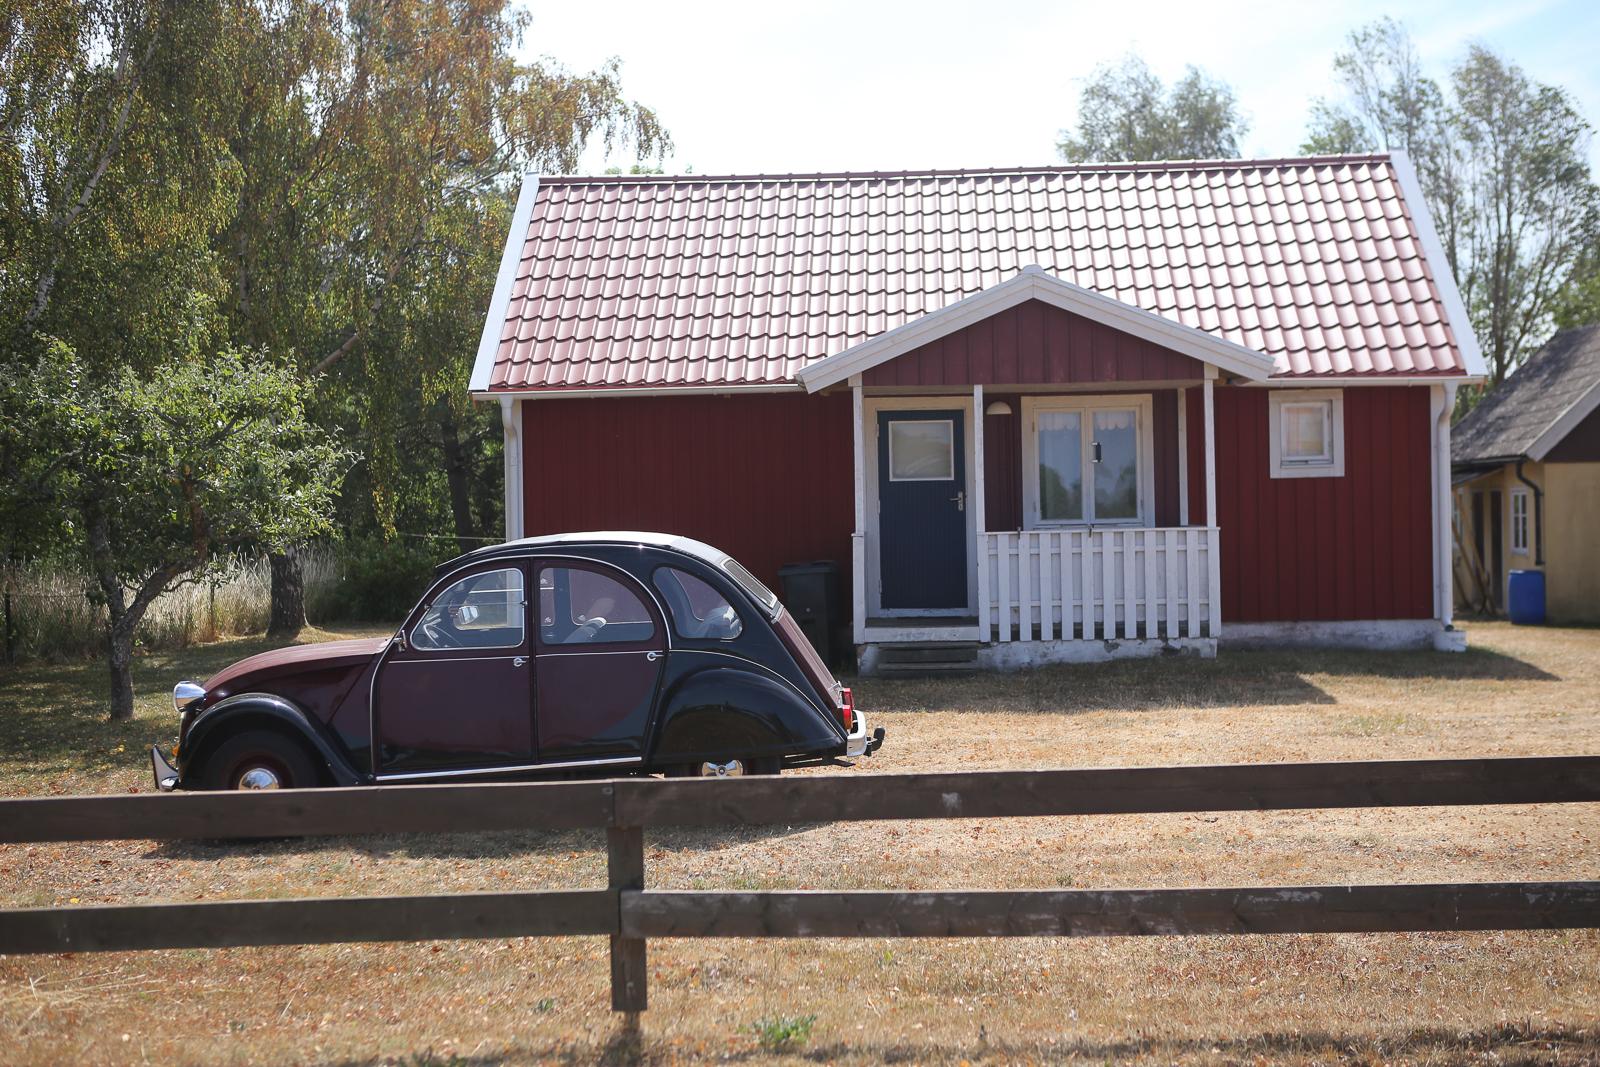 szwecja przyroda010